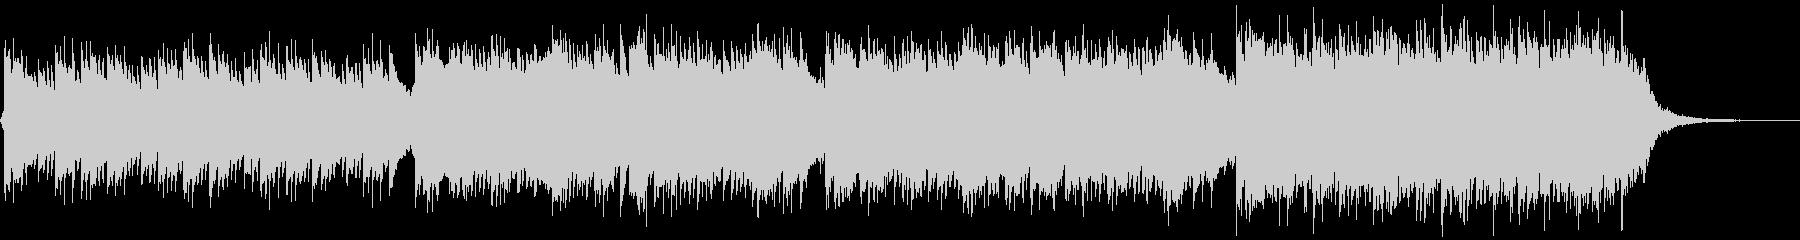 企業VP映像、154オーケストラ、爽快Hの未再生の波形